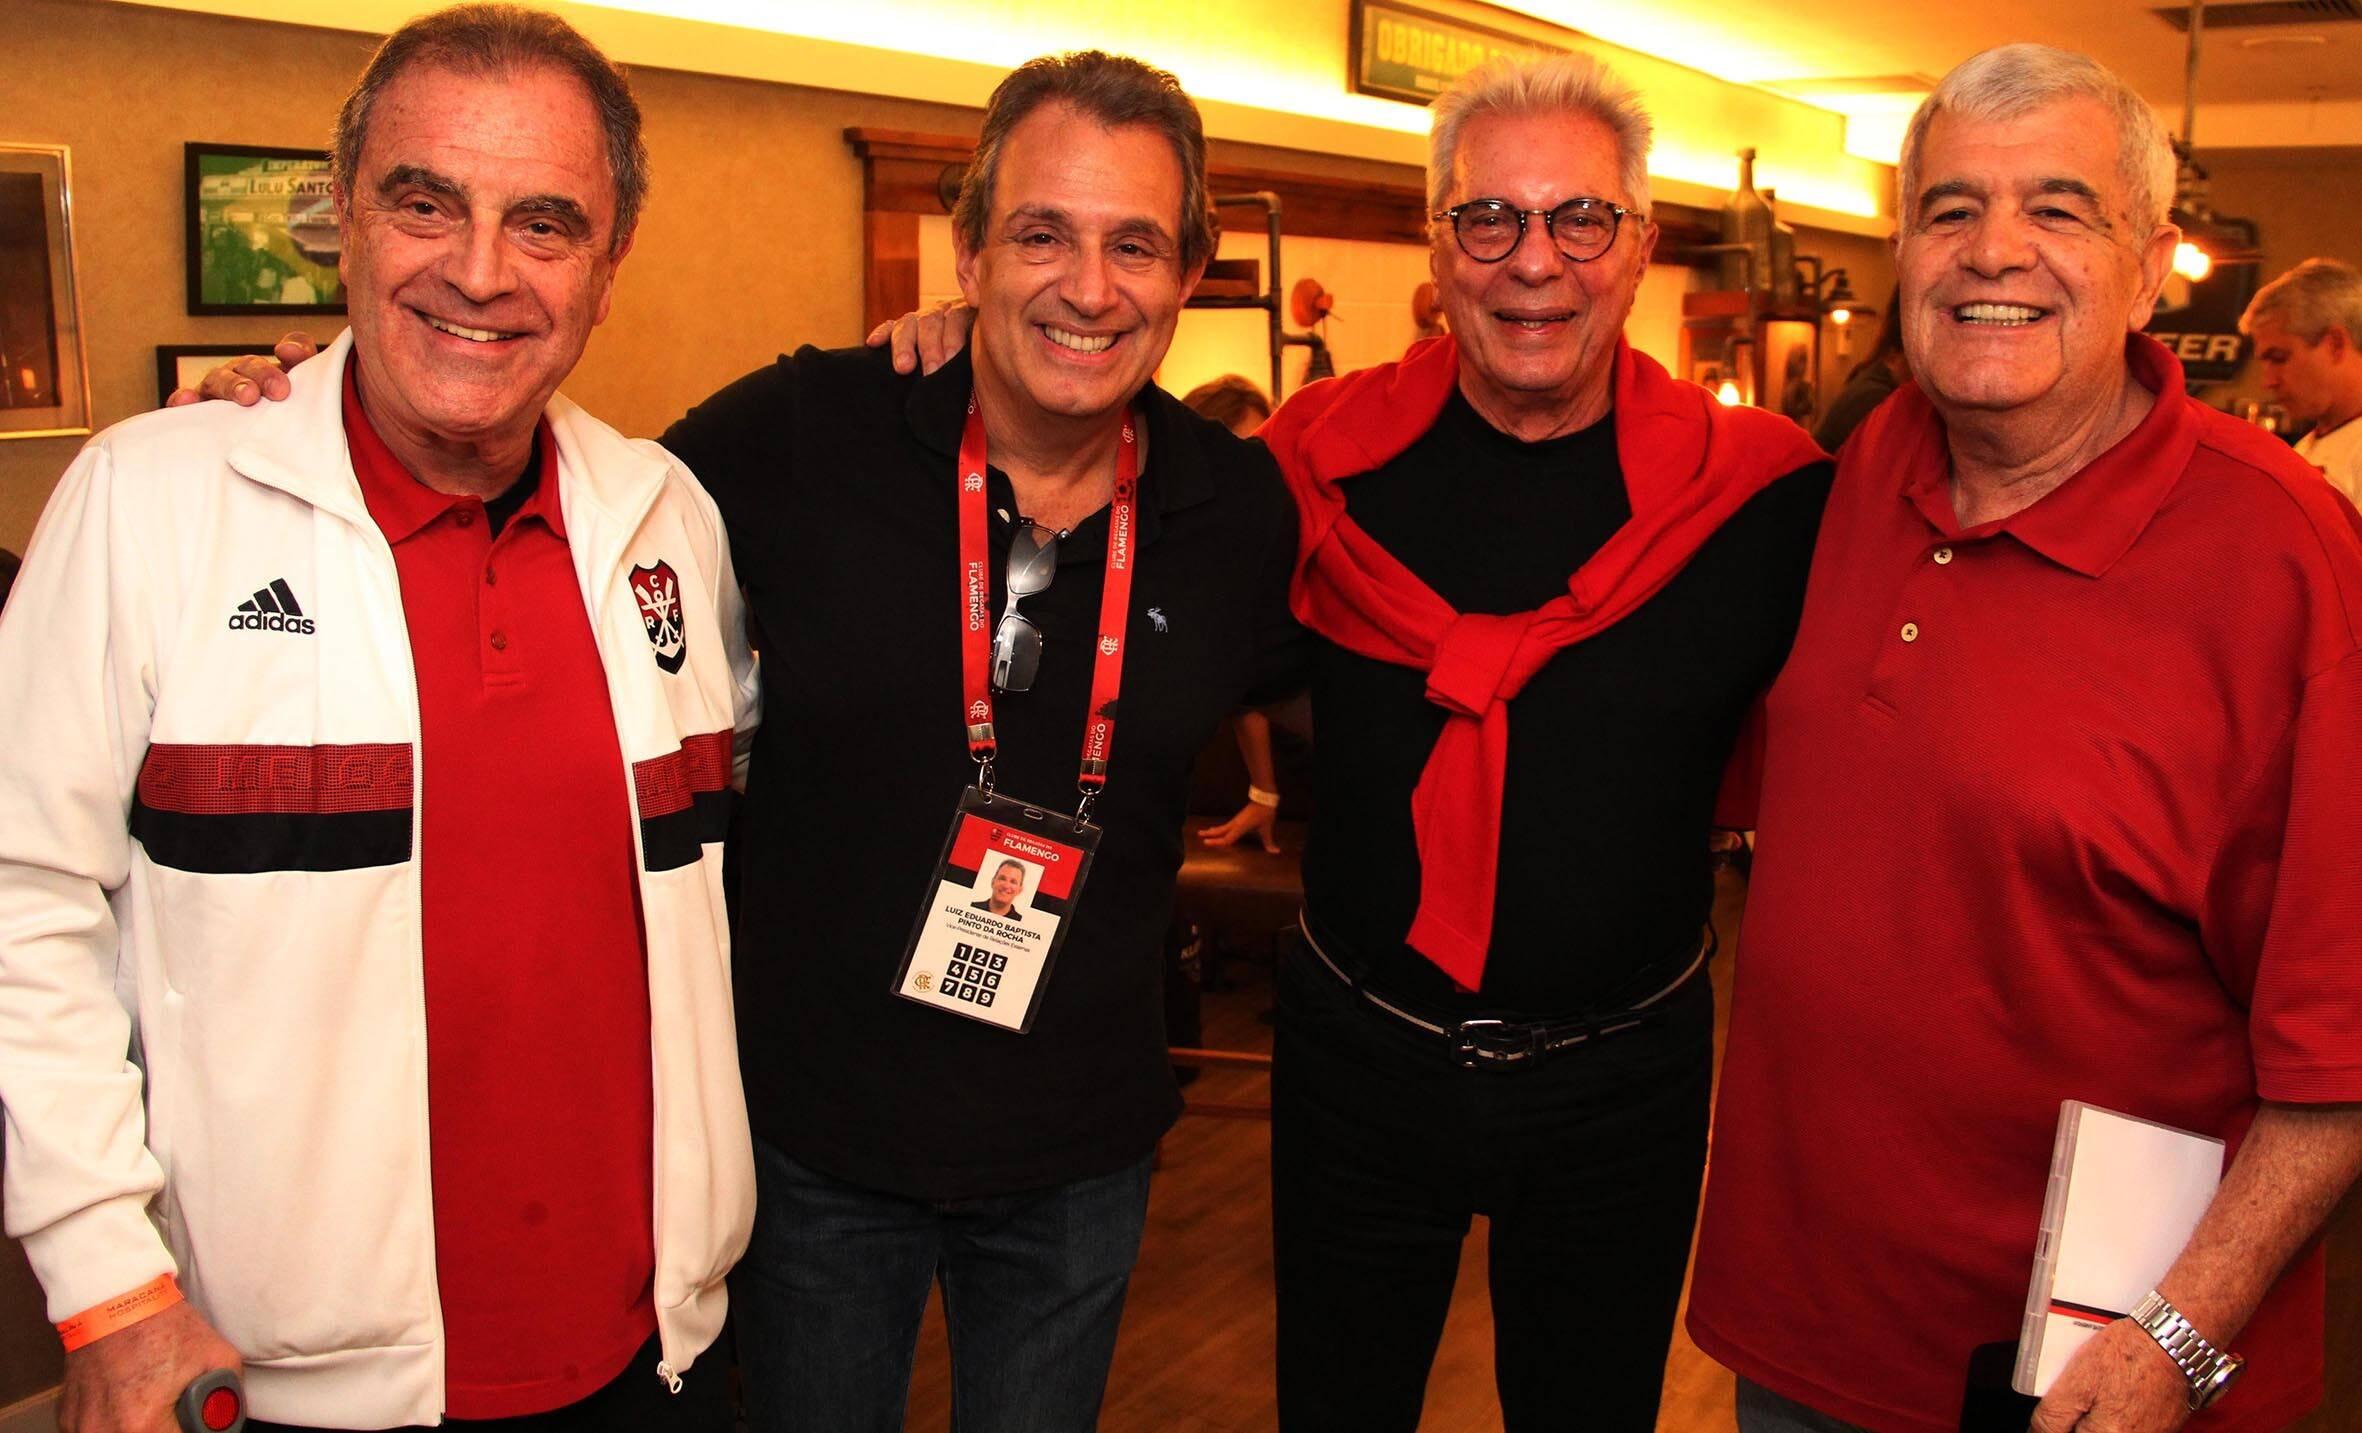 Kleber Leite, Luiz Eduardo Baptista,  Marcio Braga e Michel Asseff  /Foto: Paulo de Deus